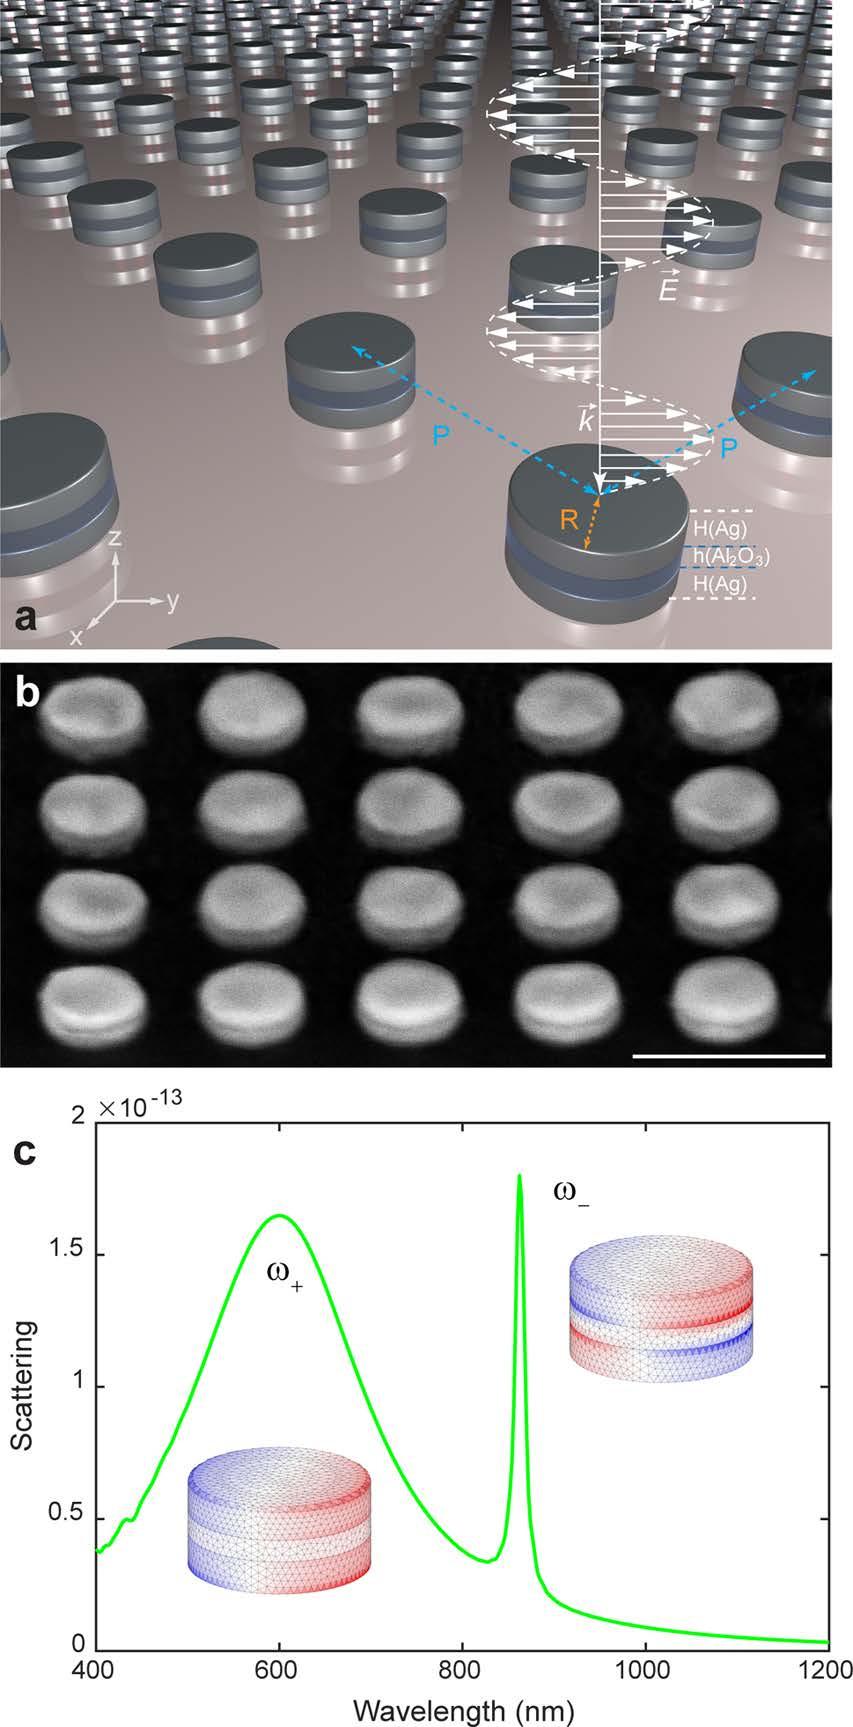 Мета-материалы: оптические иллюзии структурного цвета - 2